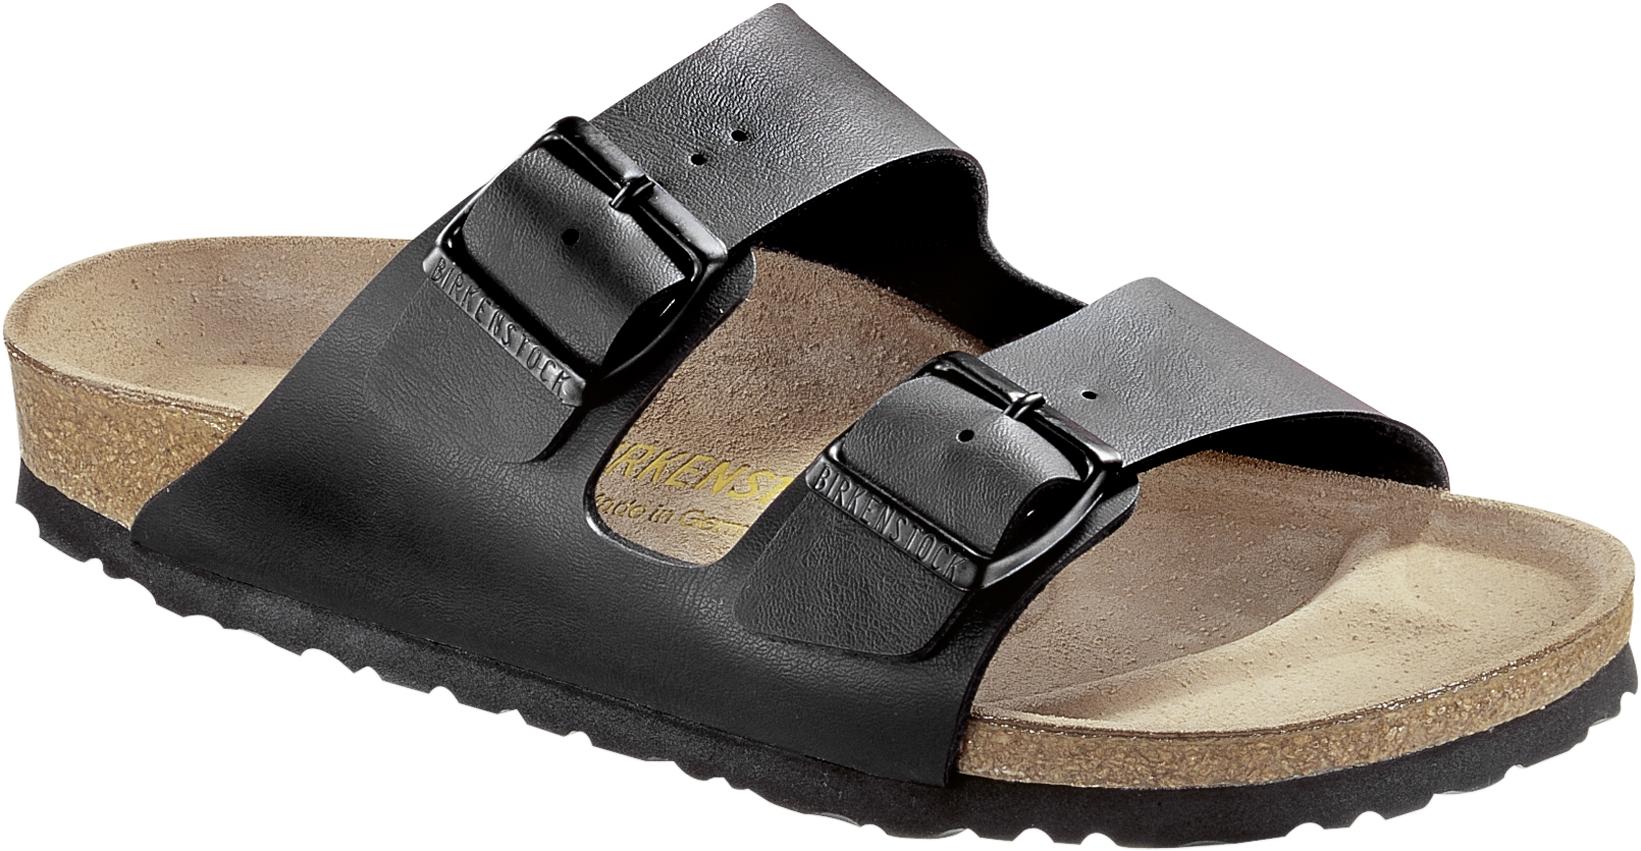 Birkenstock Arizona Birko-Flor sandal, black, 34